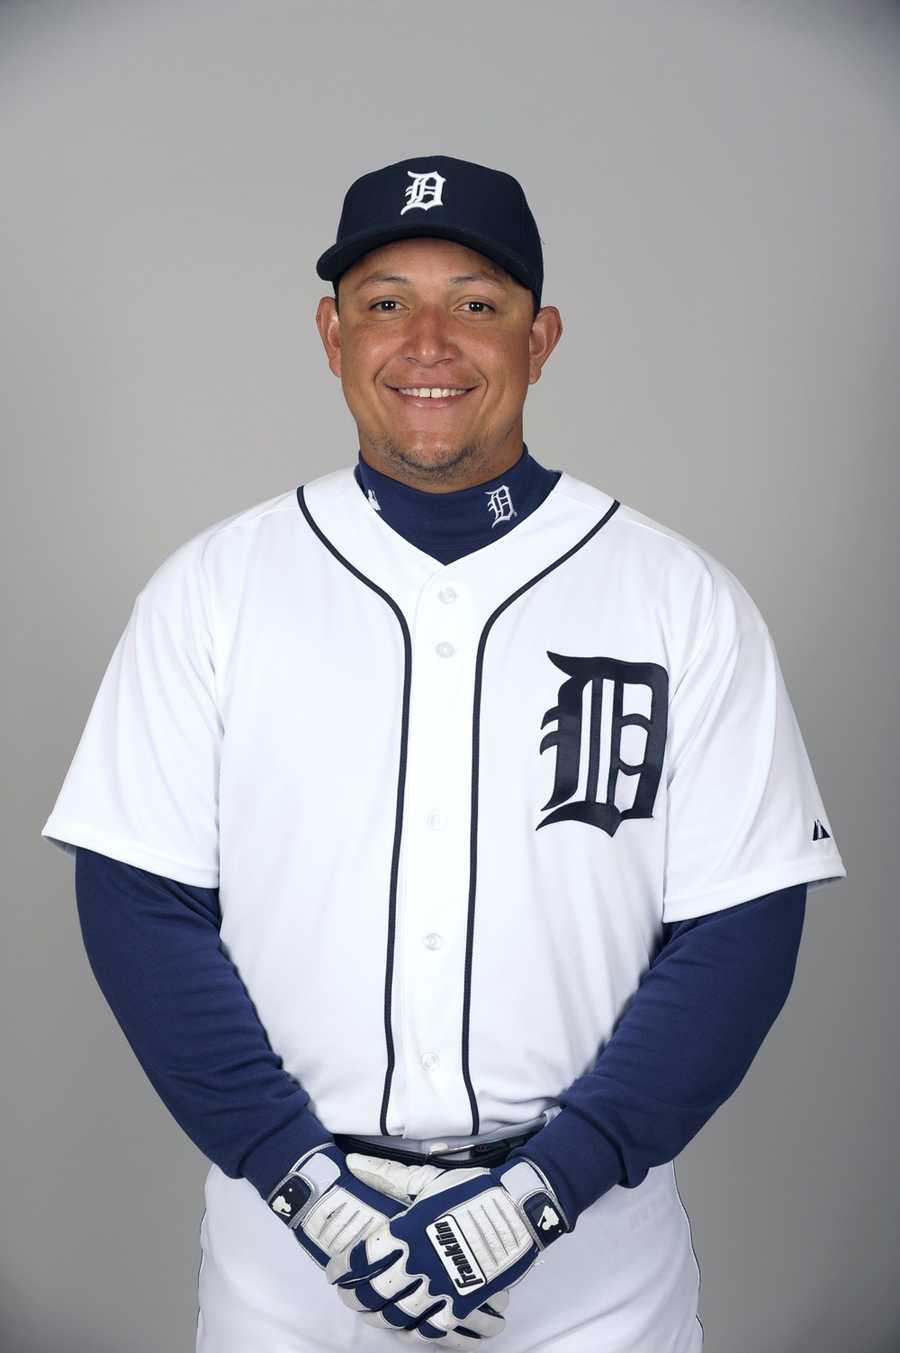 13) Miguel Cabrera, Detroit Tigers